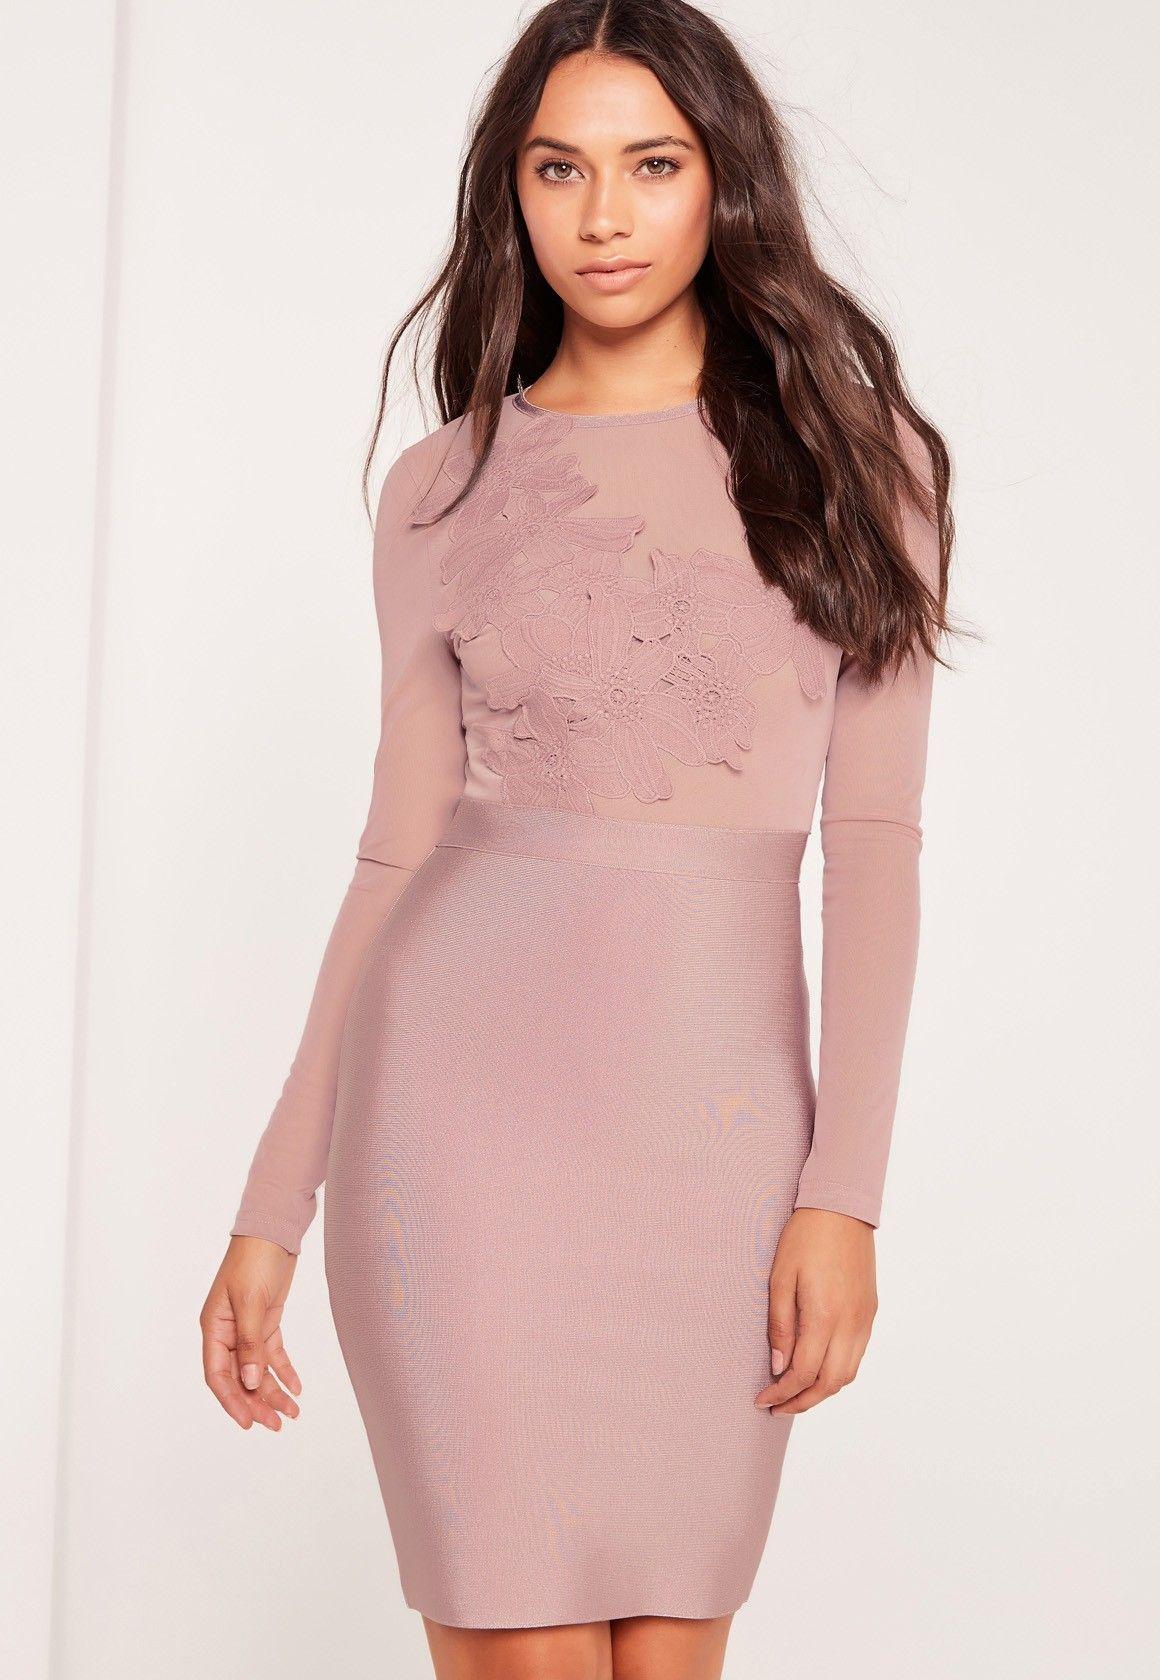 Premium Bandage Lace Applique Midi Dress Mauve | Pinterest